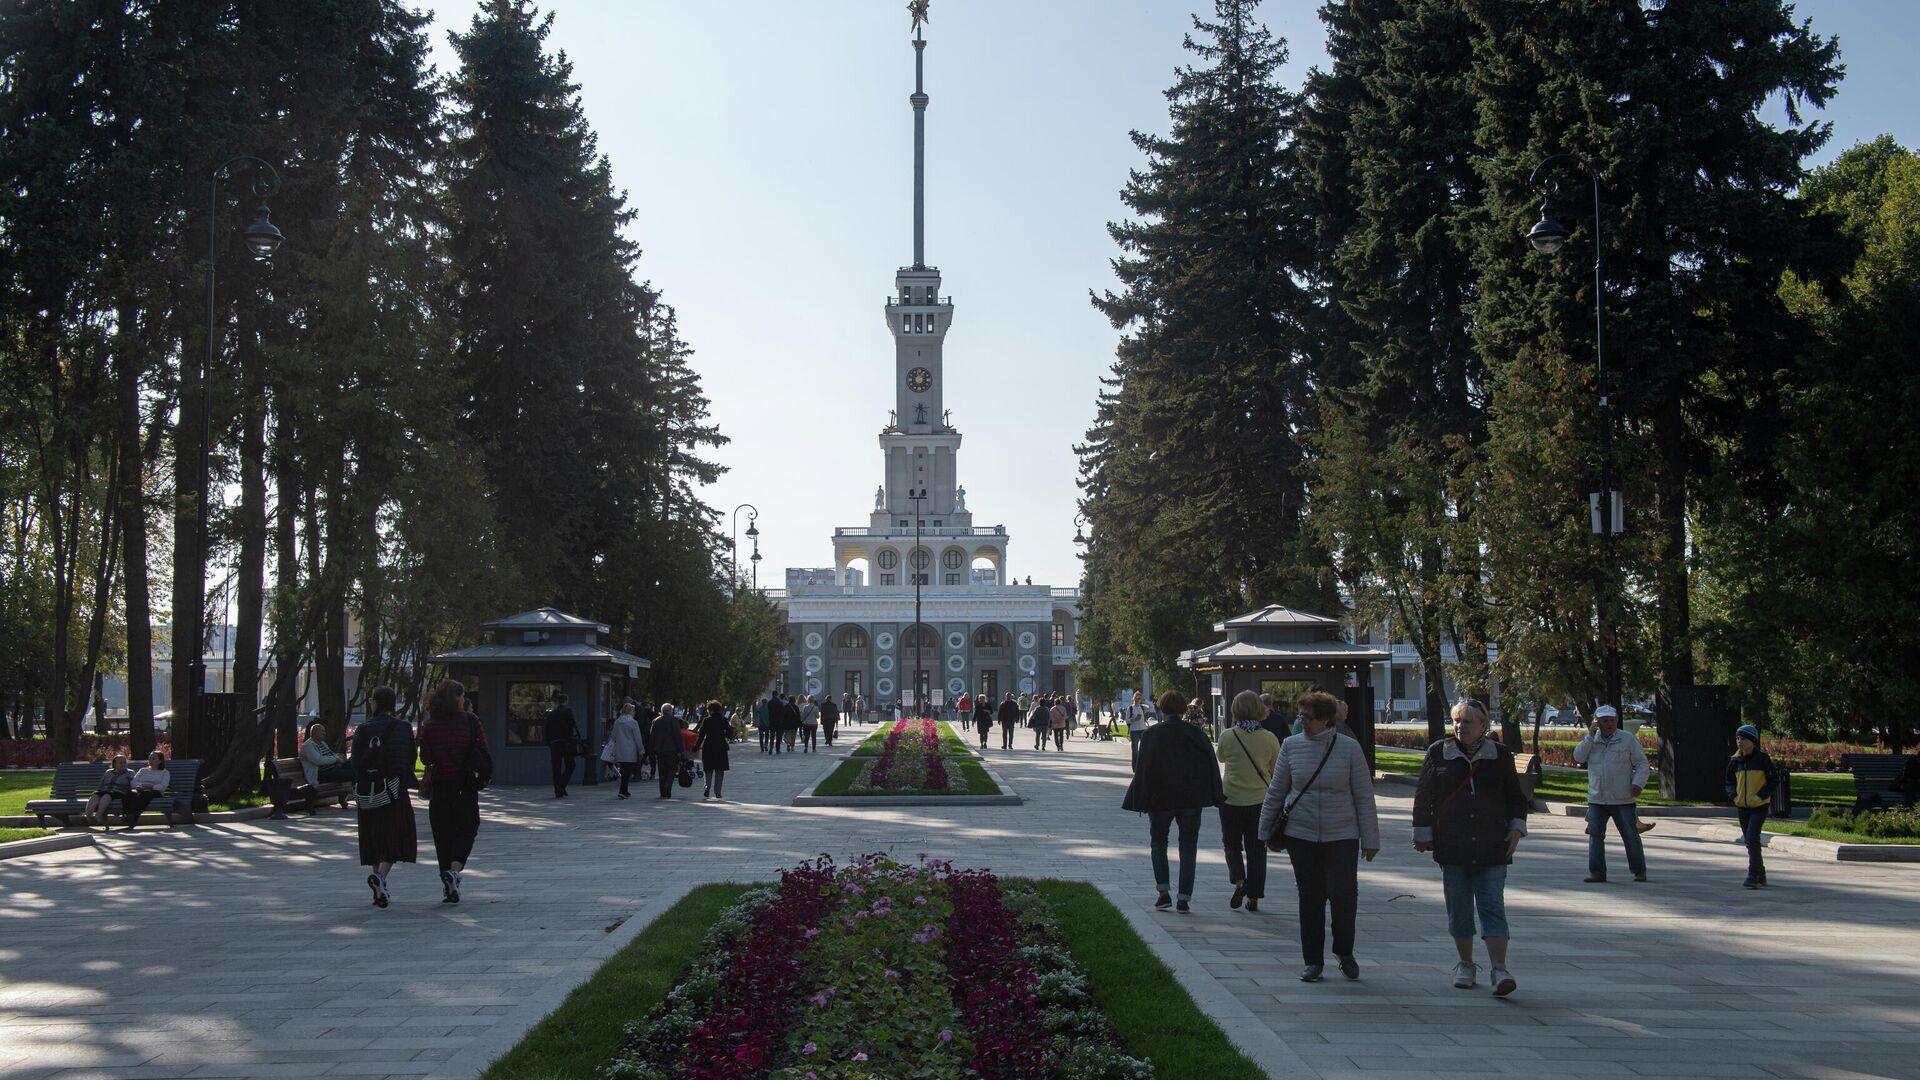 Северный речной вокзал - РИА Новости, 1920, 12.10.2020